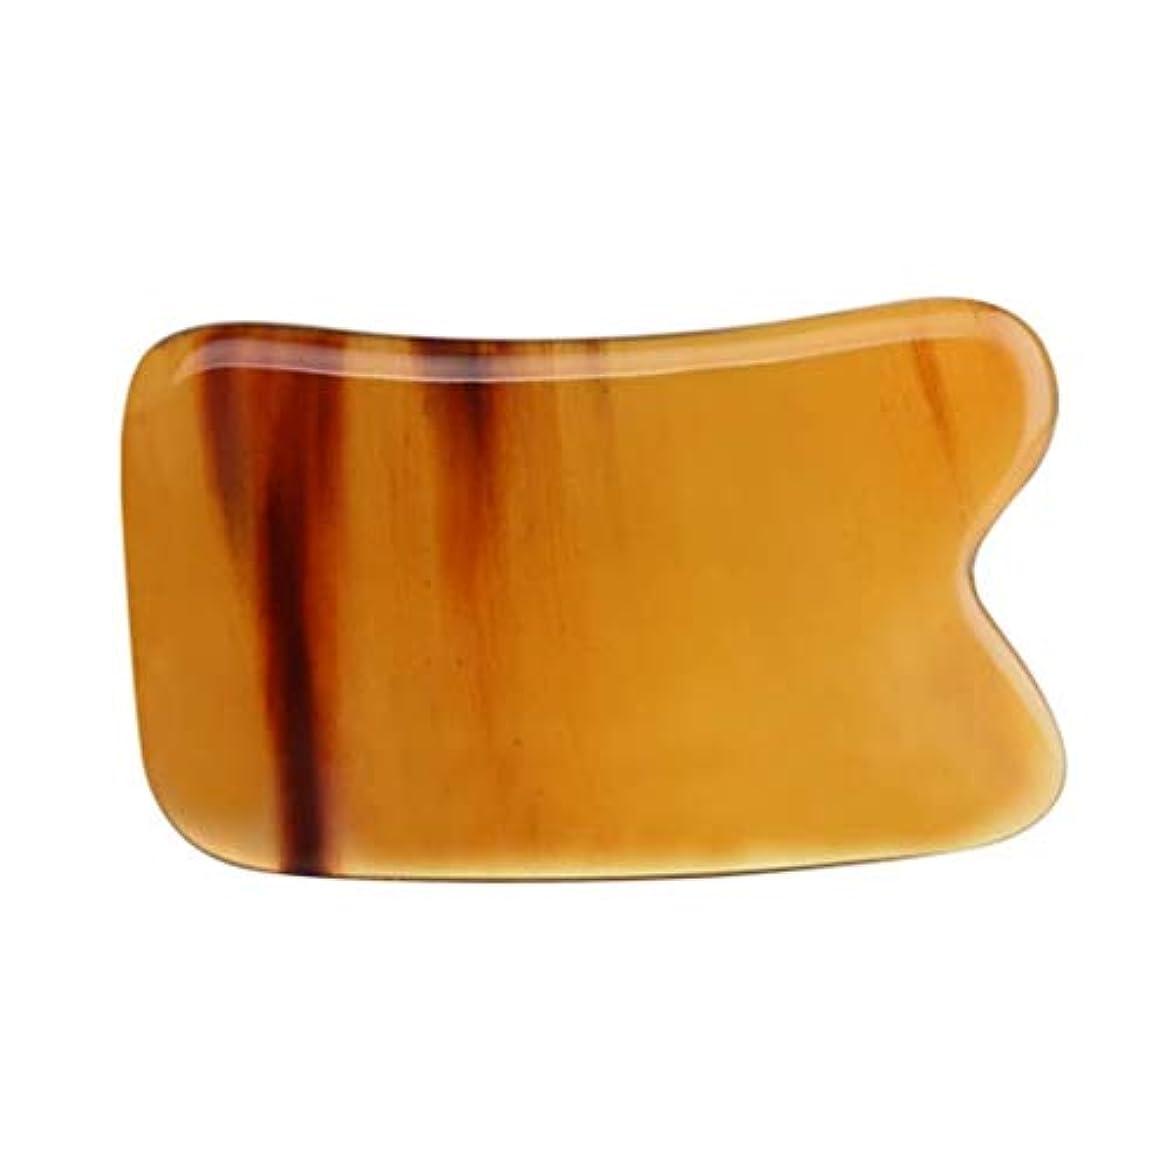 メニューアプローチ変位Gua Shaスクレイピングマッサージツール-最高品質の手作りバッファローホーンGuashaボード-首と筋肉の痛みを軽減し、機動性を向上 (Size : 4mm)